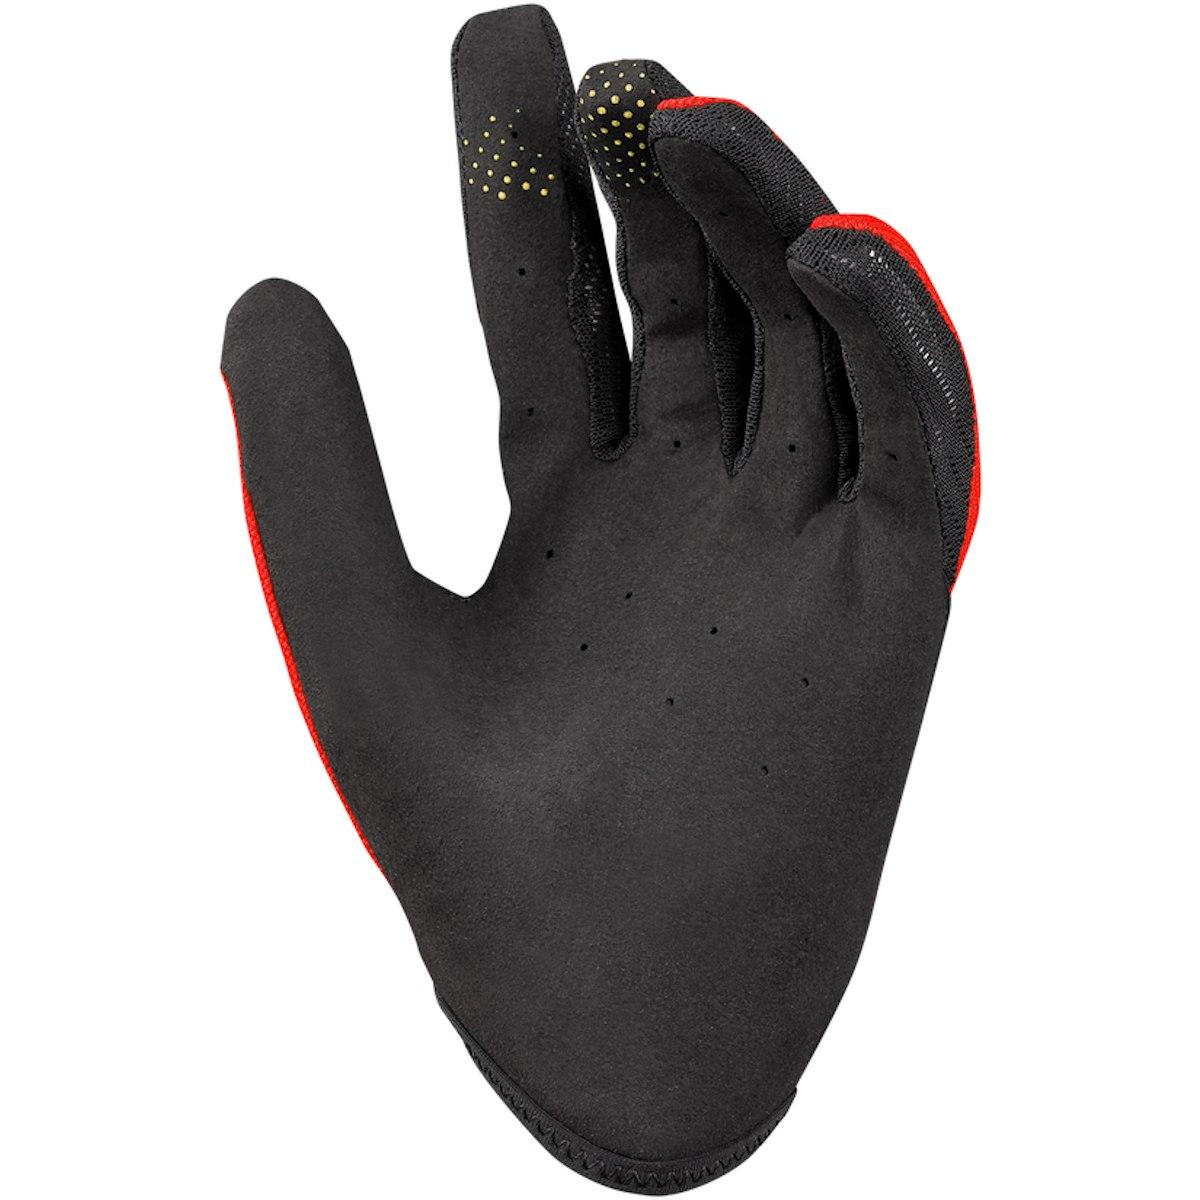 Bild von iXS Carve Kinder-Handschuhe - fluor red